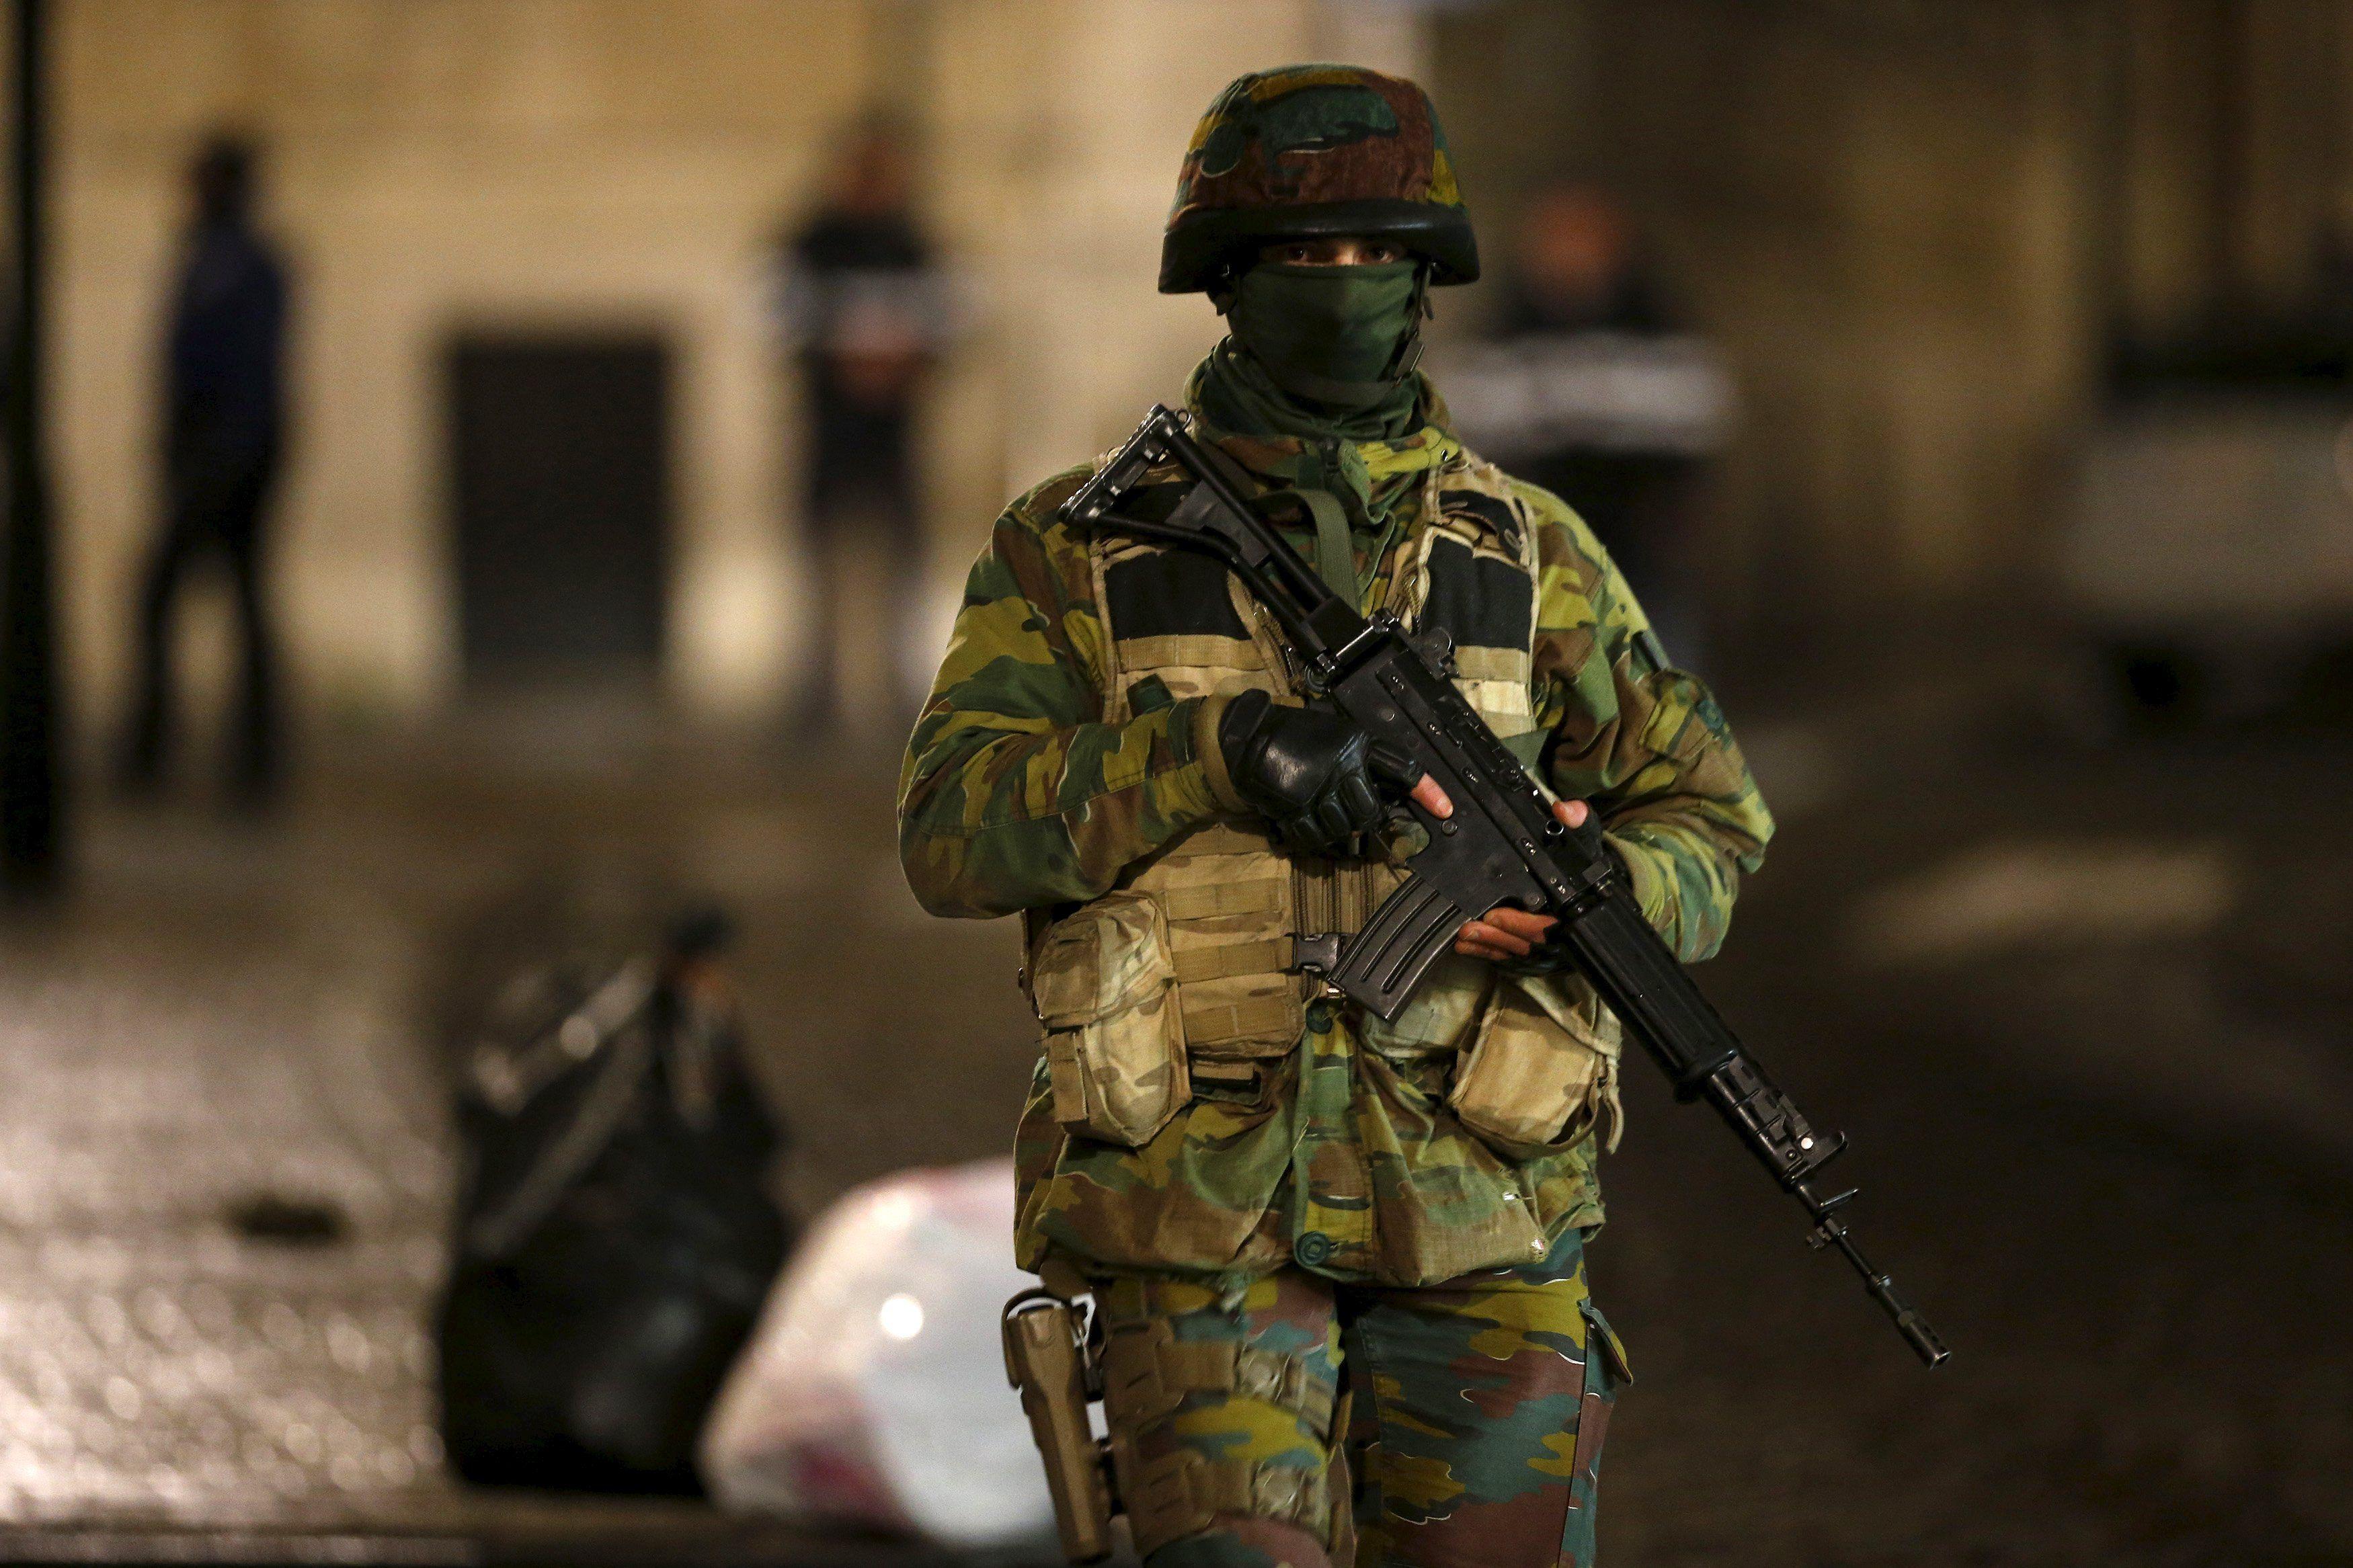 Спецоперация по задержанию террористов в Брюсселе.